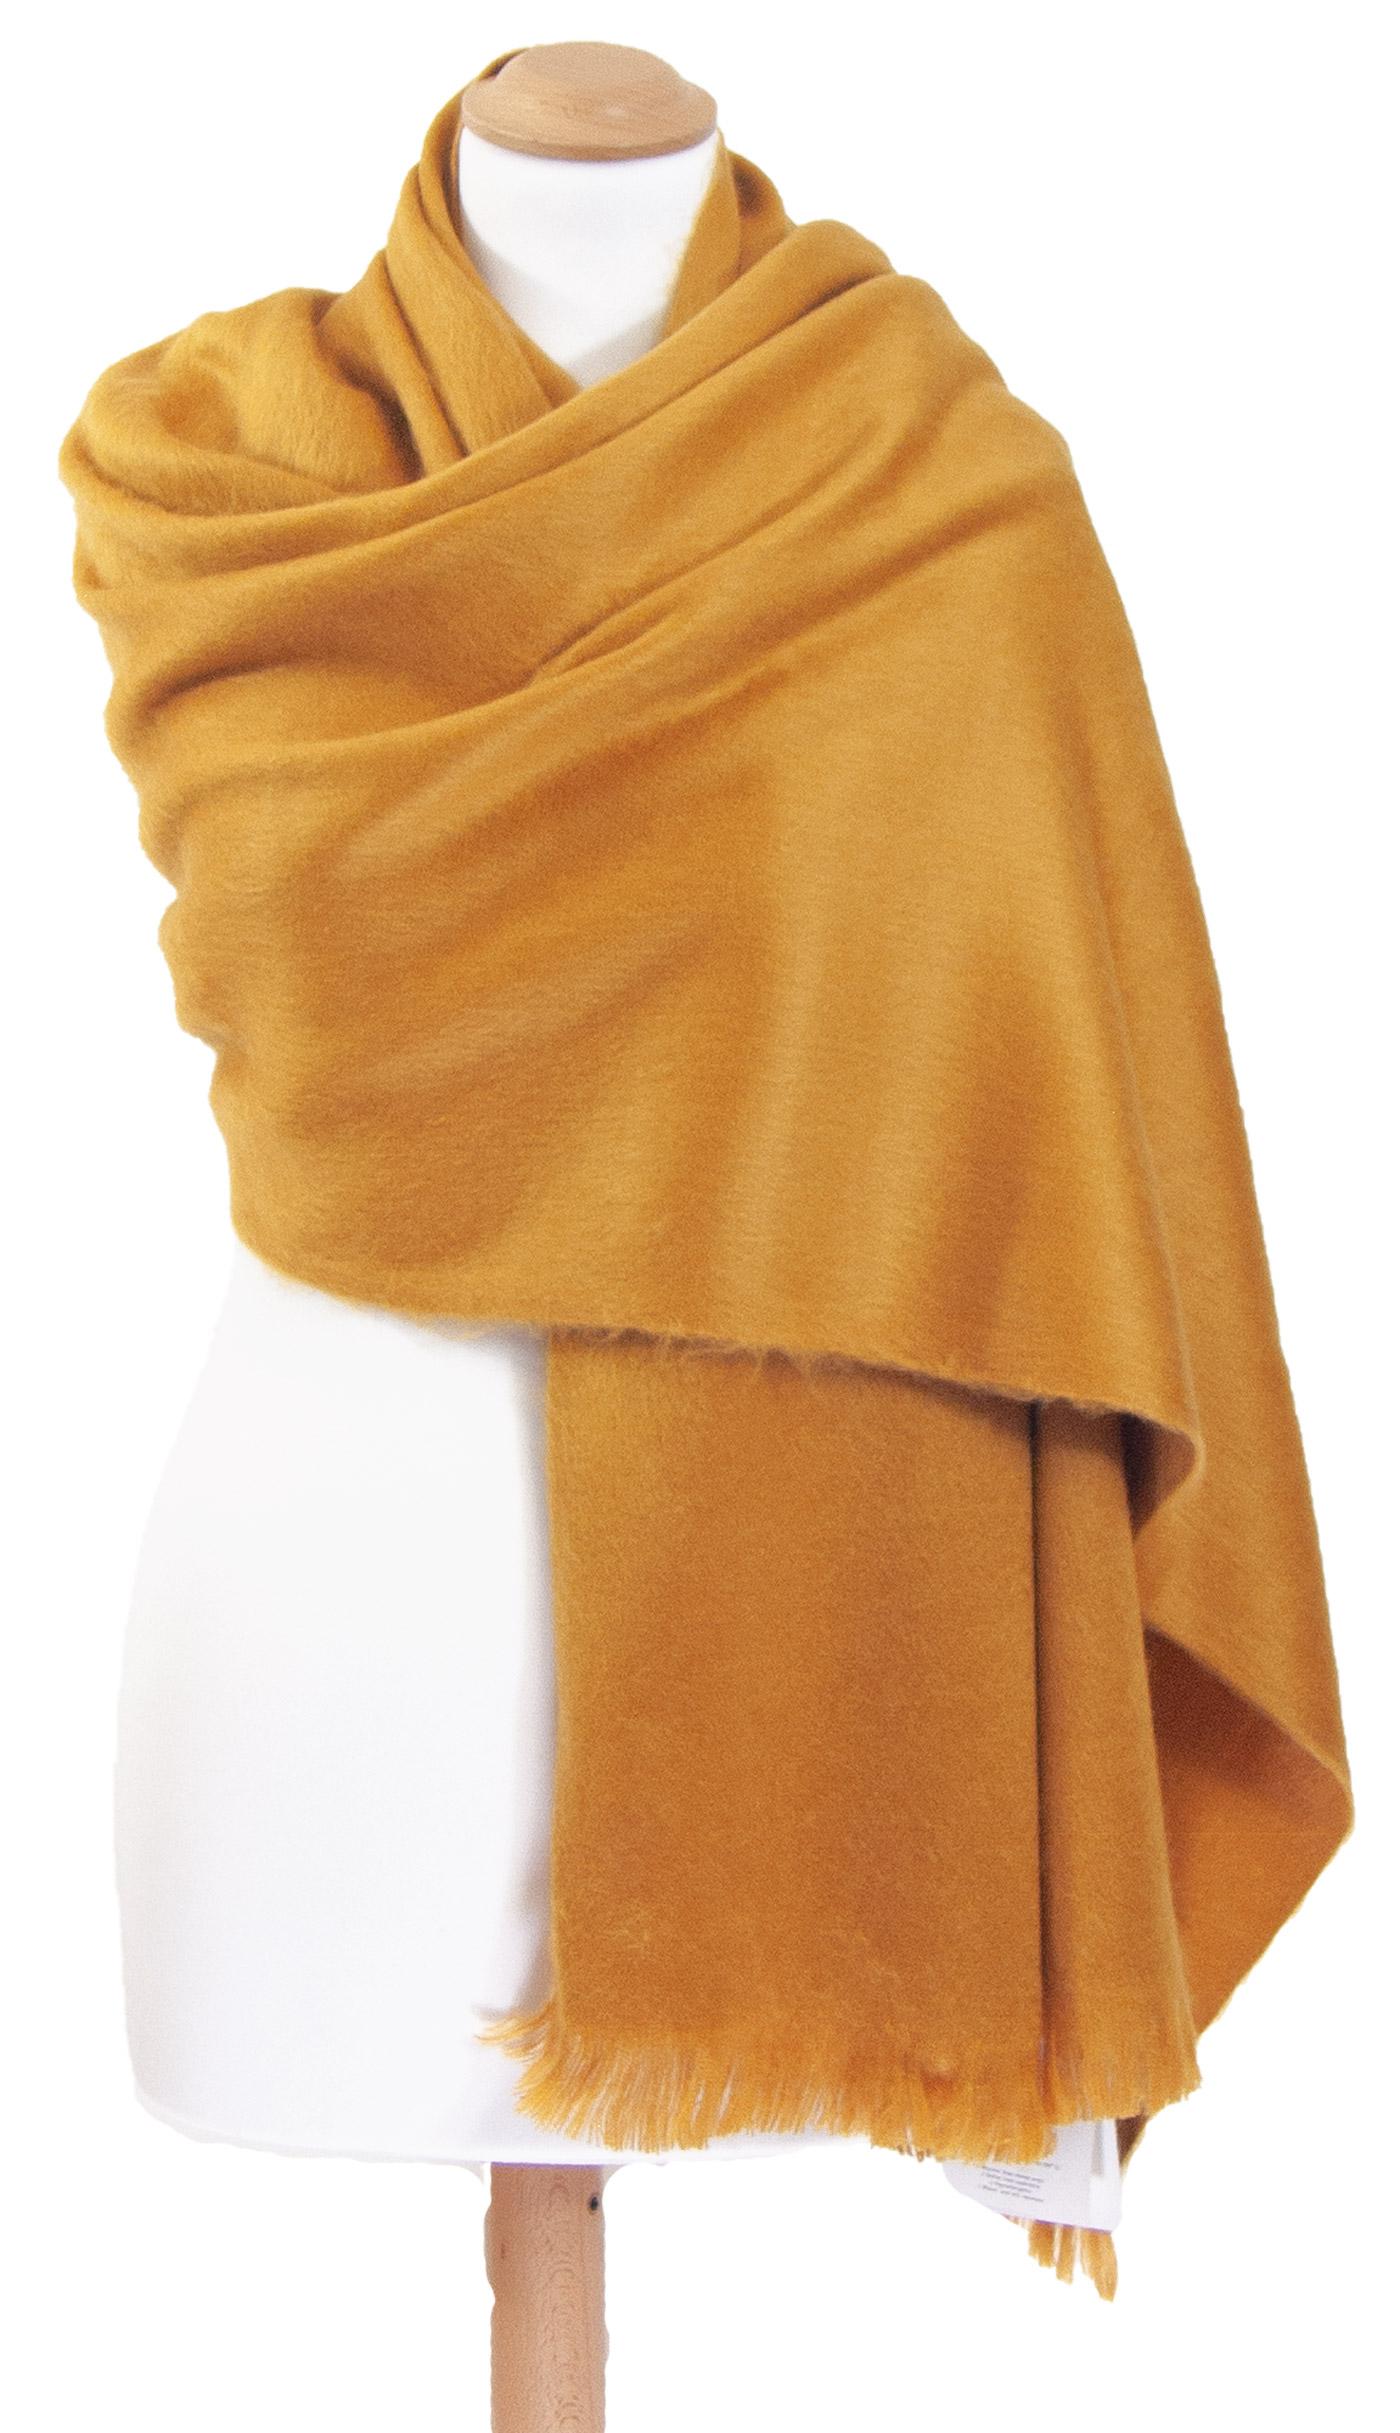 Châle en laine alpaga jaune